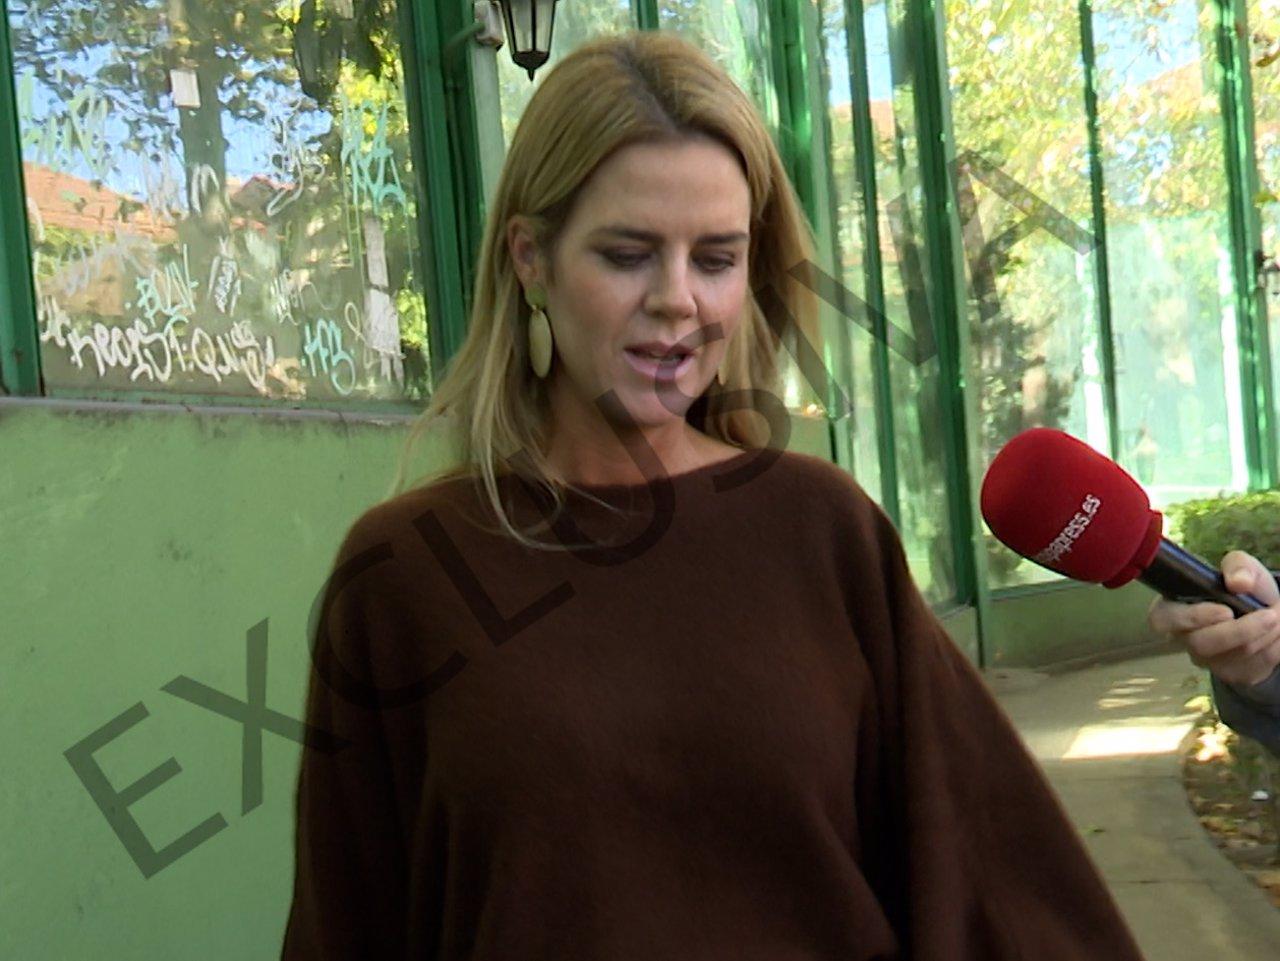 Primeras palabras de Amelia Bono tras salir a la luz su relación con Fernando Ligués